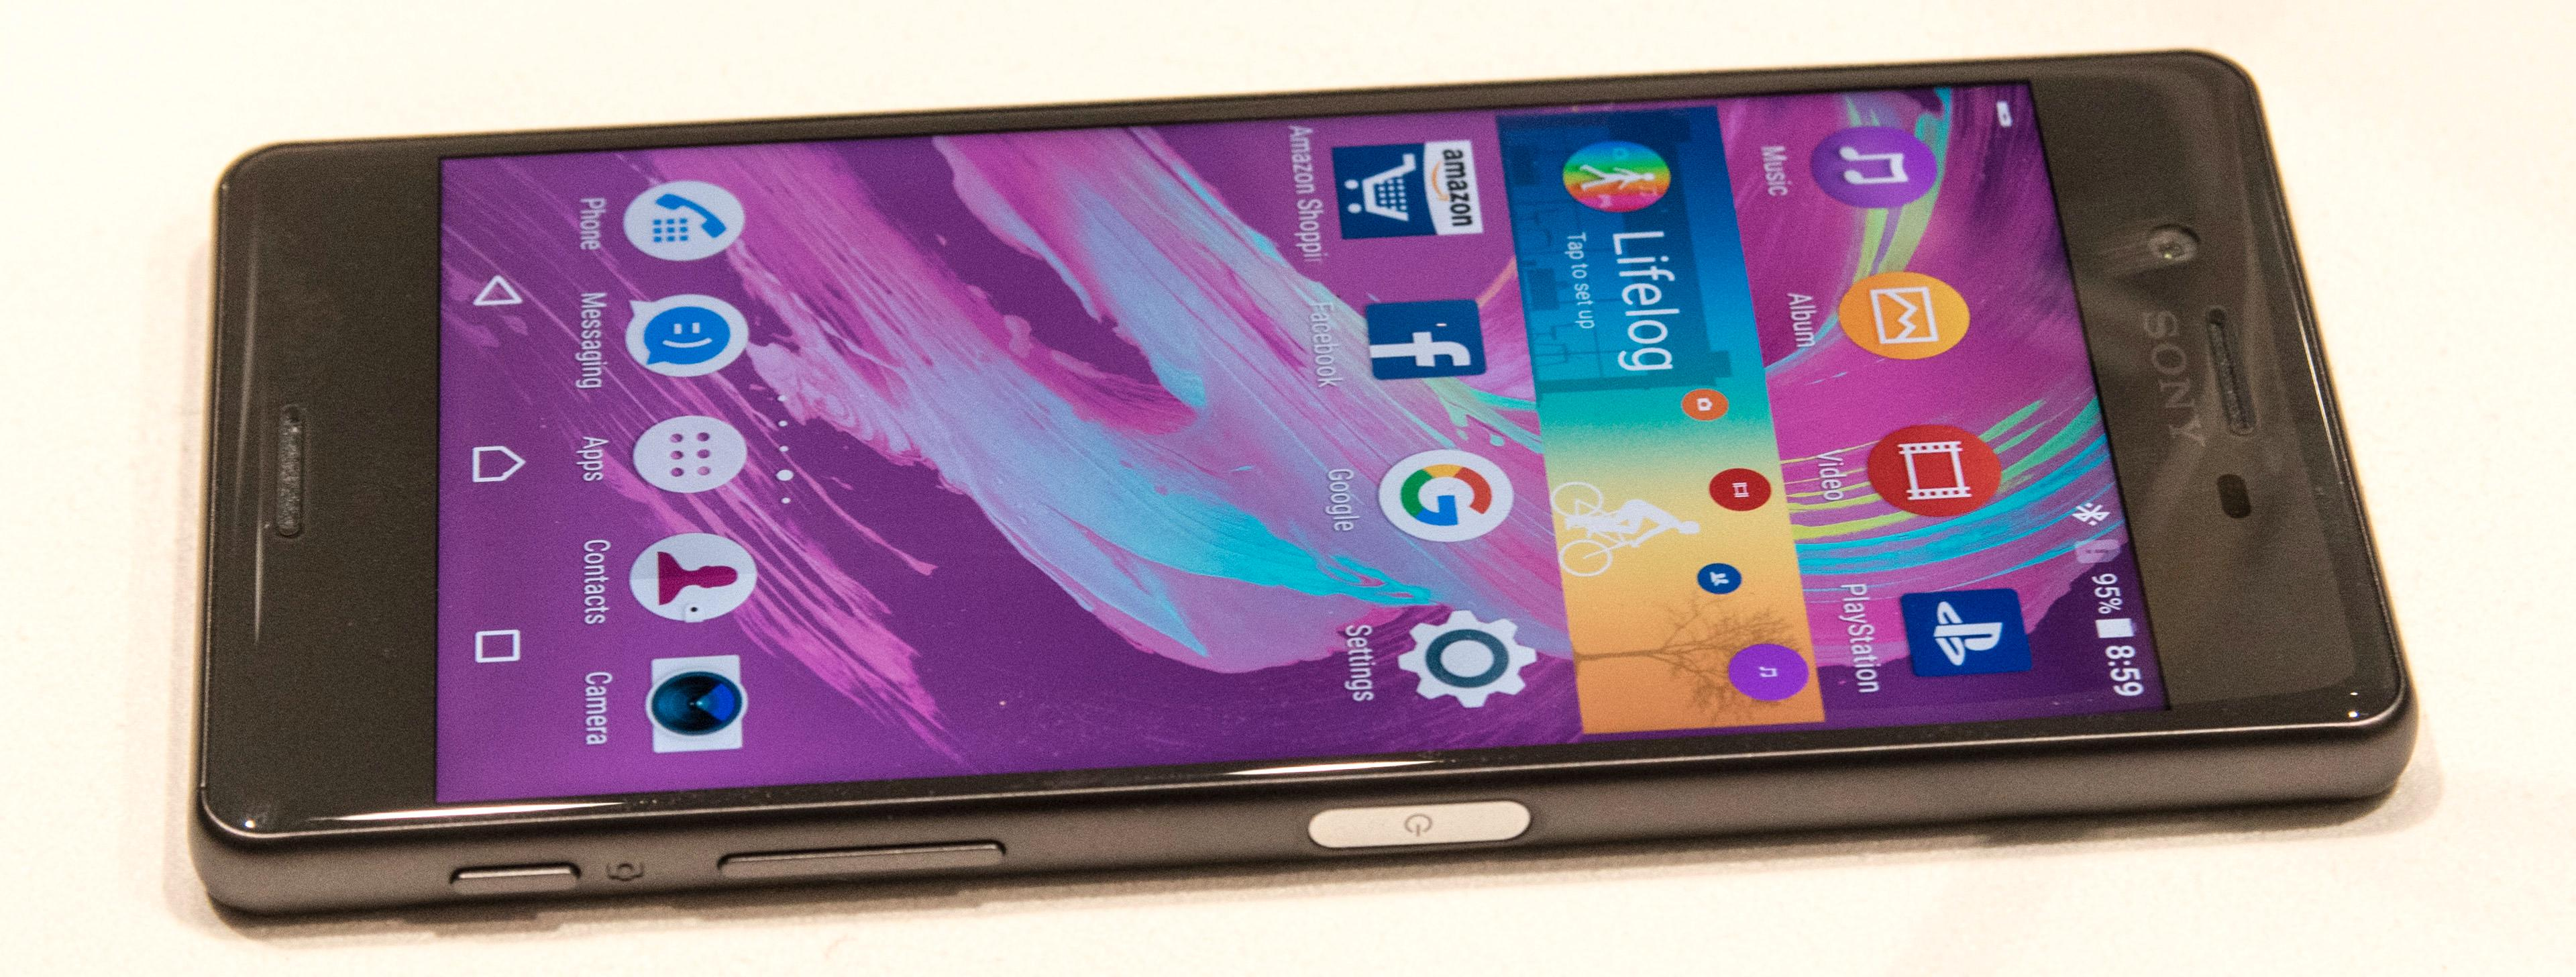 Fargerike bakgrunnsbilder og en menydesign vi kjenner. I bunn er det Android 6.0.1 som kjører.